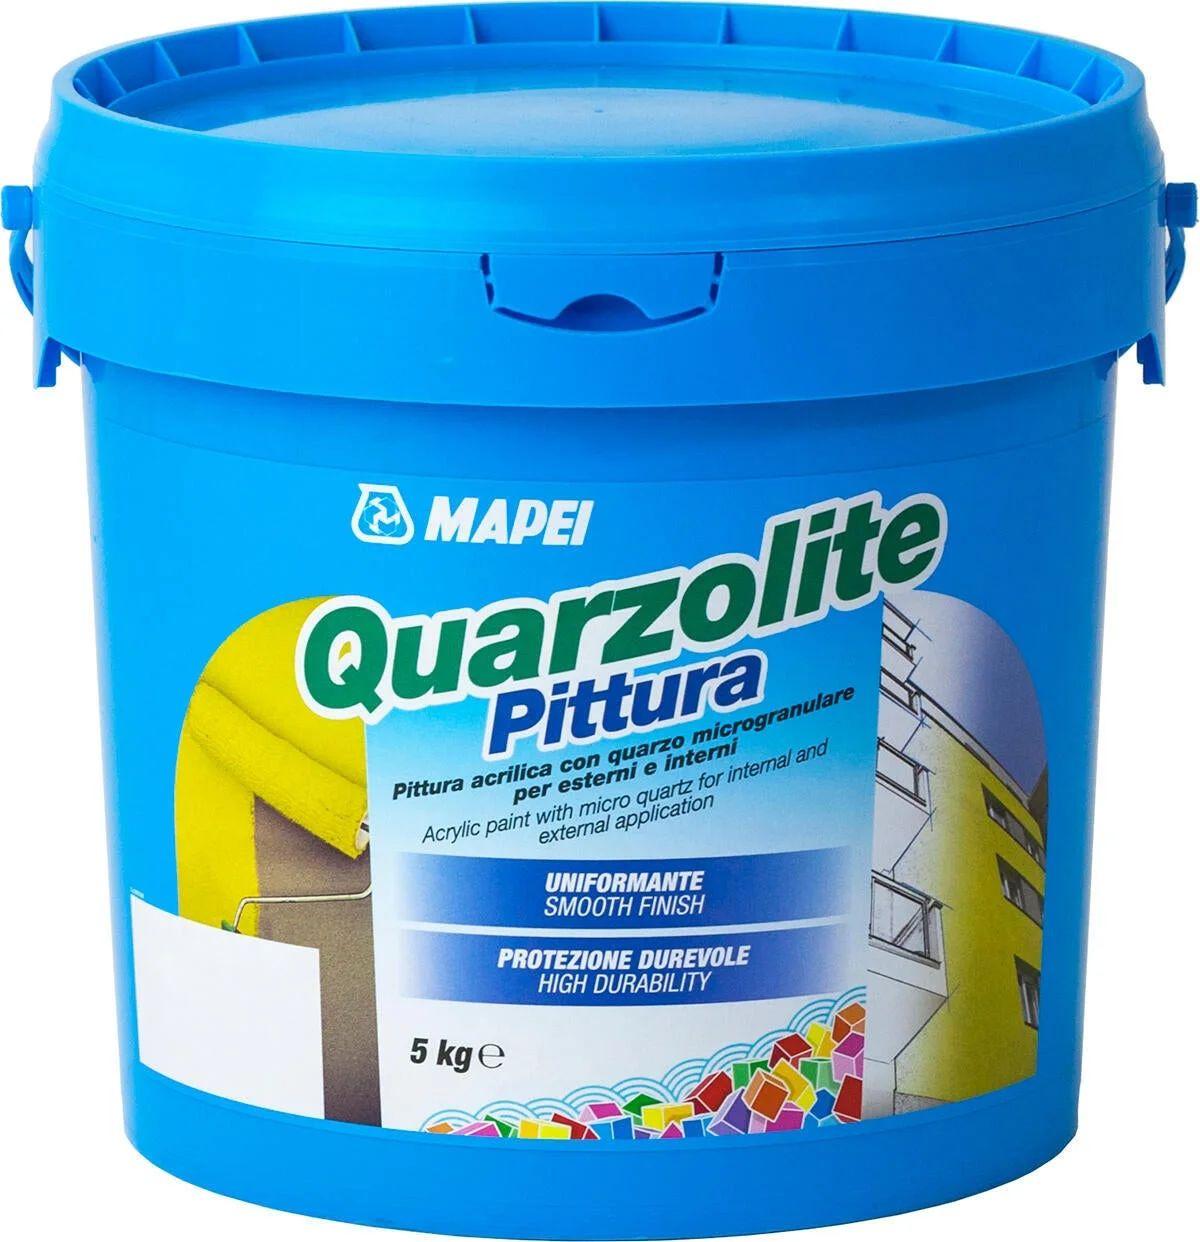 Farina di quarzo formula acrilsilossanica. Pittura Al Quarzo Mapei Quarzolite Bianco 5 L Leroy Merlin